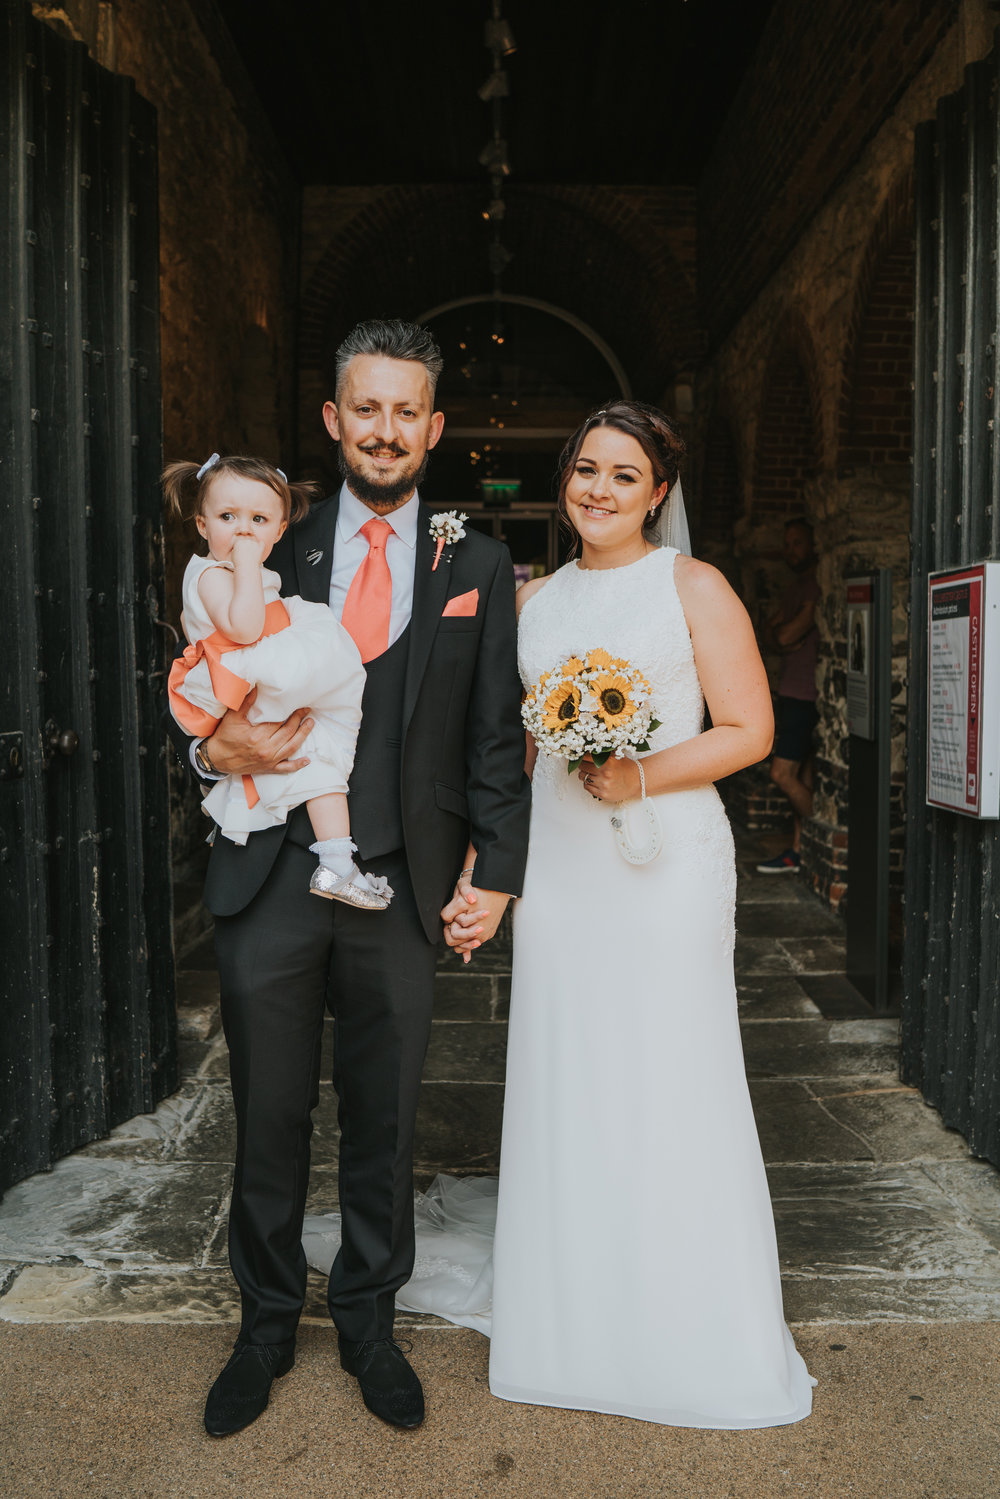 Joe-Tiffany-Colchester-Castle-Wedding-Essex-Grace-Elizabeth-Colchester-Essex-Alternative-Wedding-Photographer-Suffolk-Norfolk-Devon (62 of 122).jpg